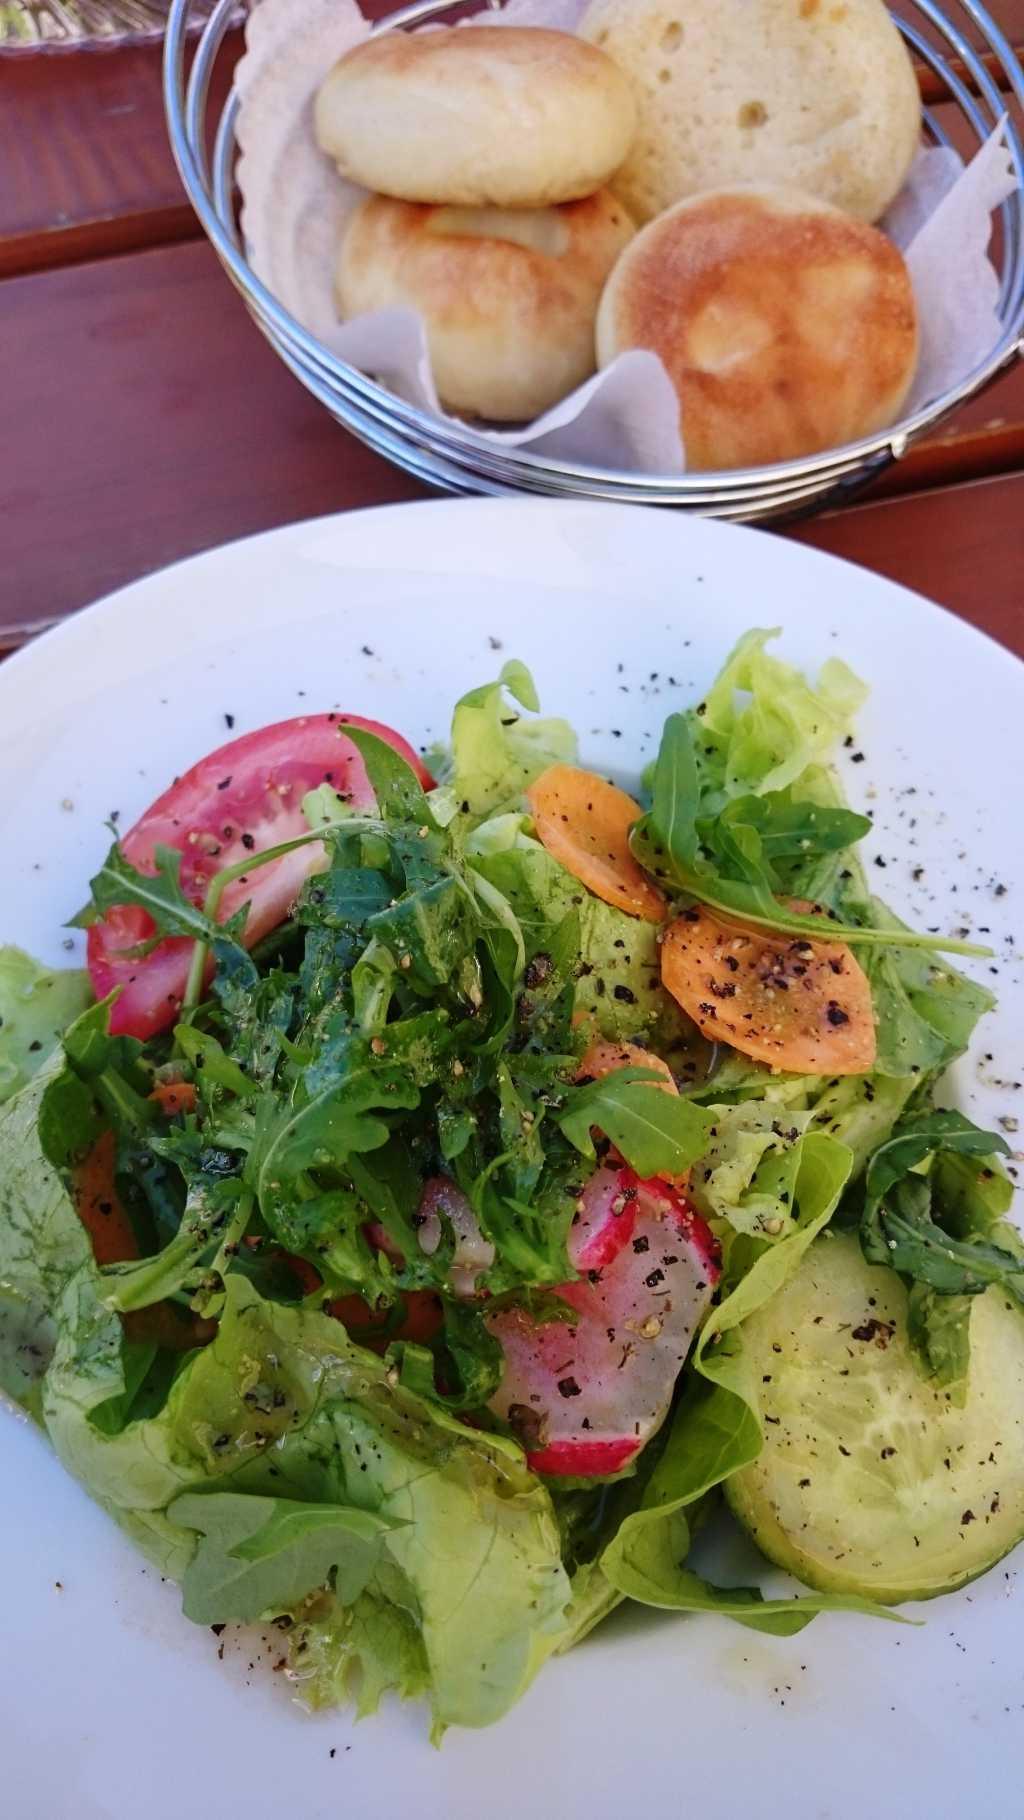 Gemischter Salat mit Pizzabrötchen